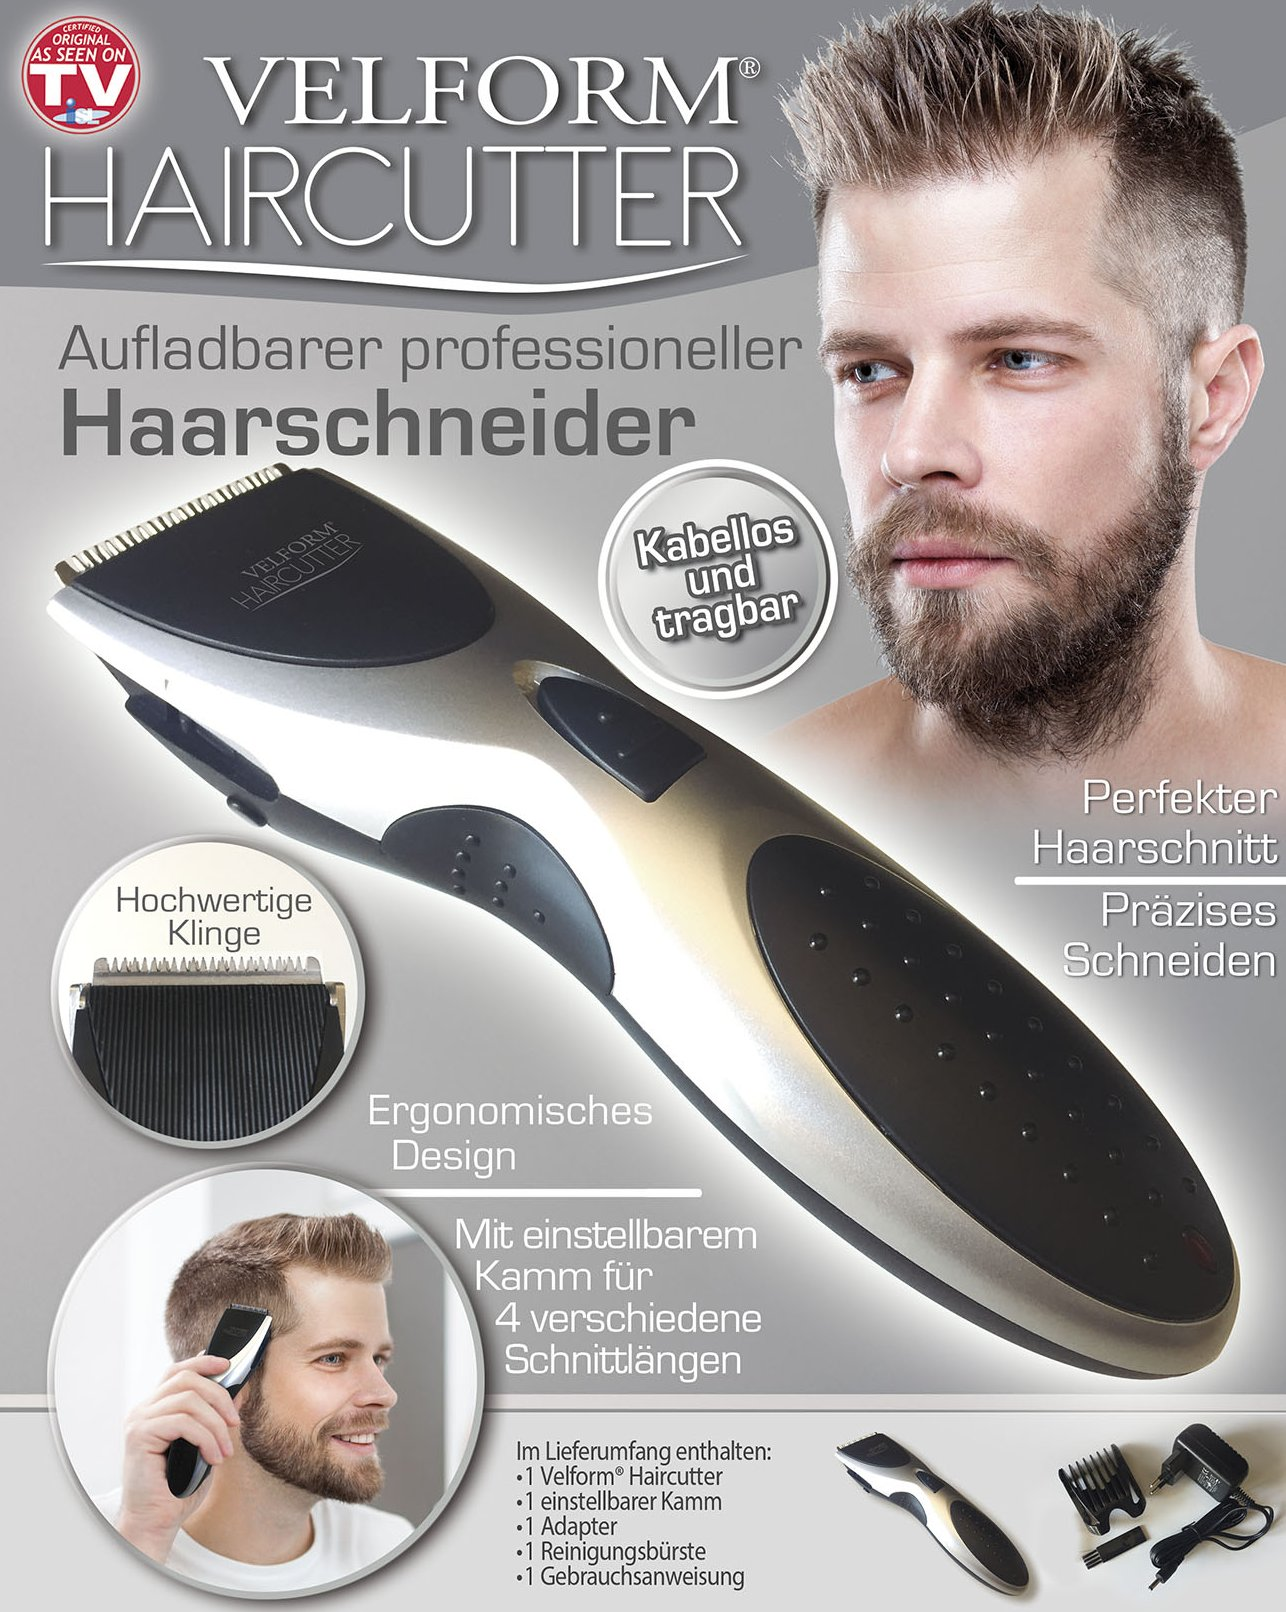 Haarschneider kabellos und aufladbar